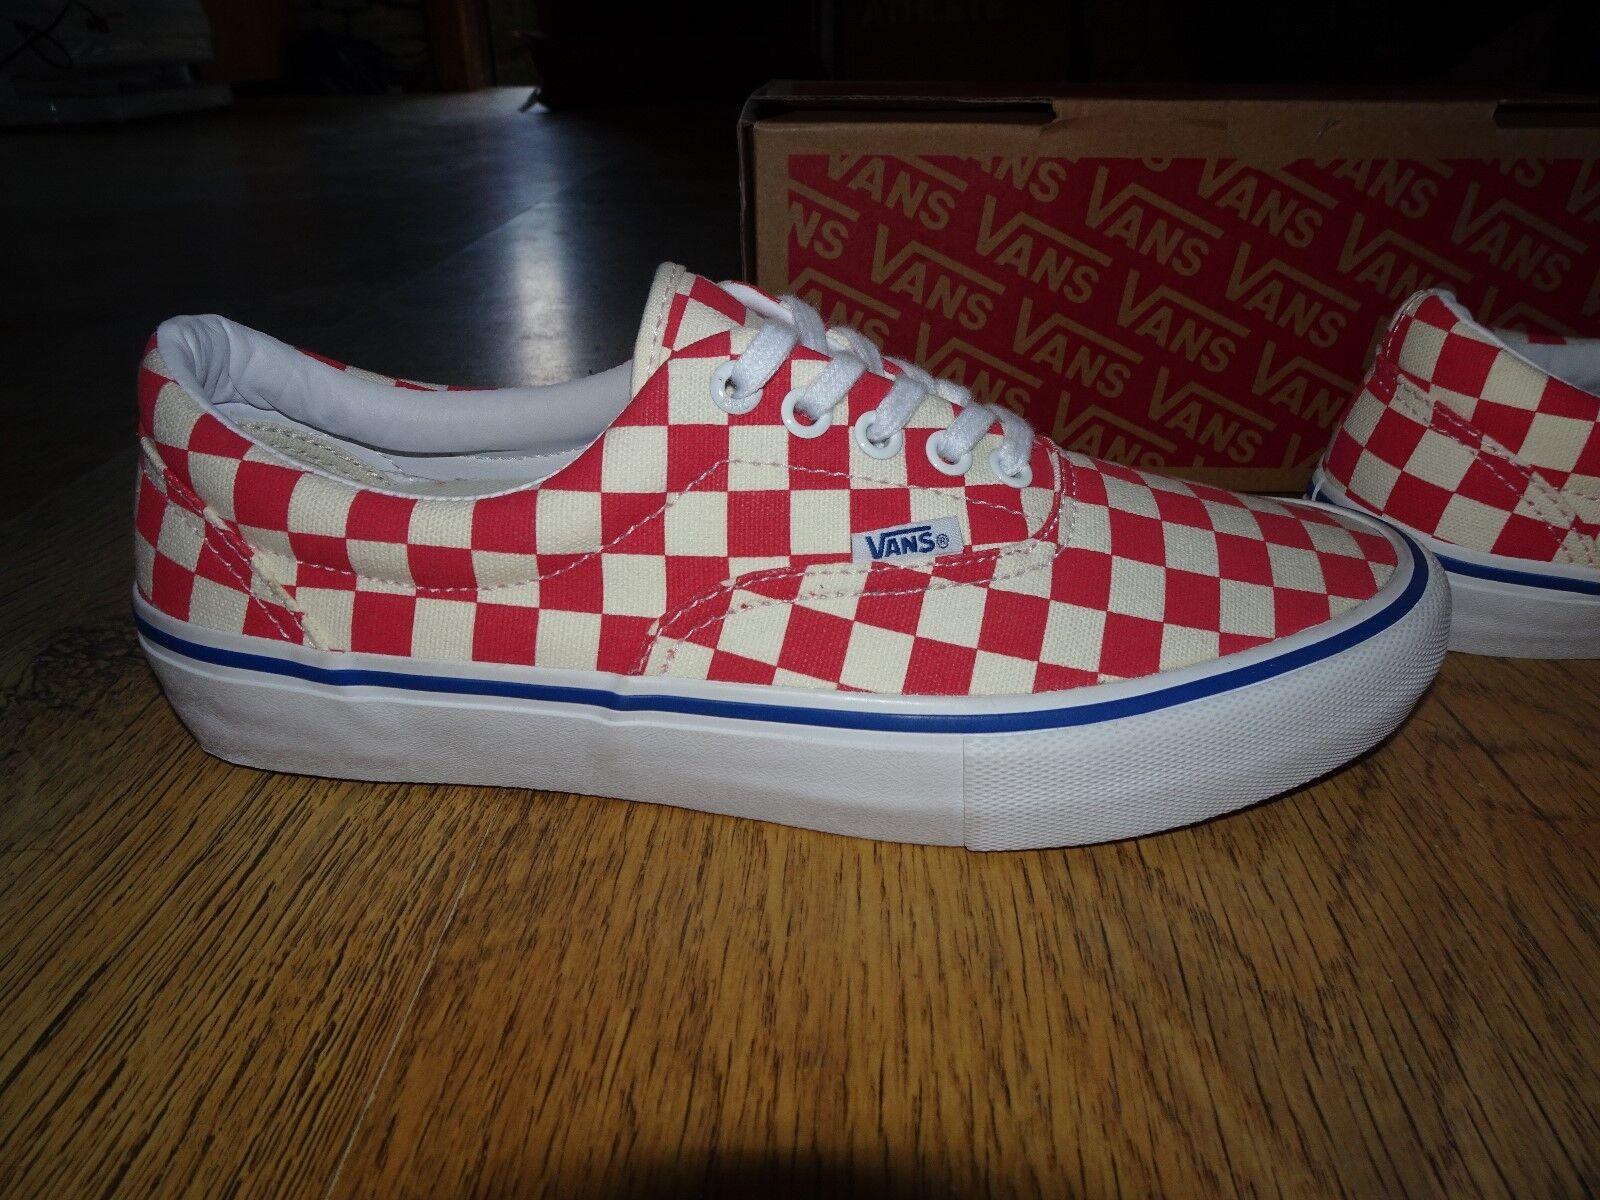 Vans Era Pro Checkerboard Old Skool Skate Rococco rot WeißTrainers Größe 10     |  | Starke Hitze- und Hitzebeständigkeit  | New Style